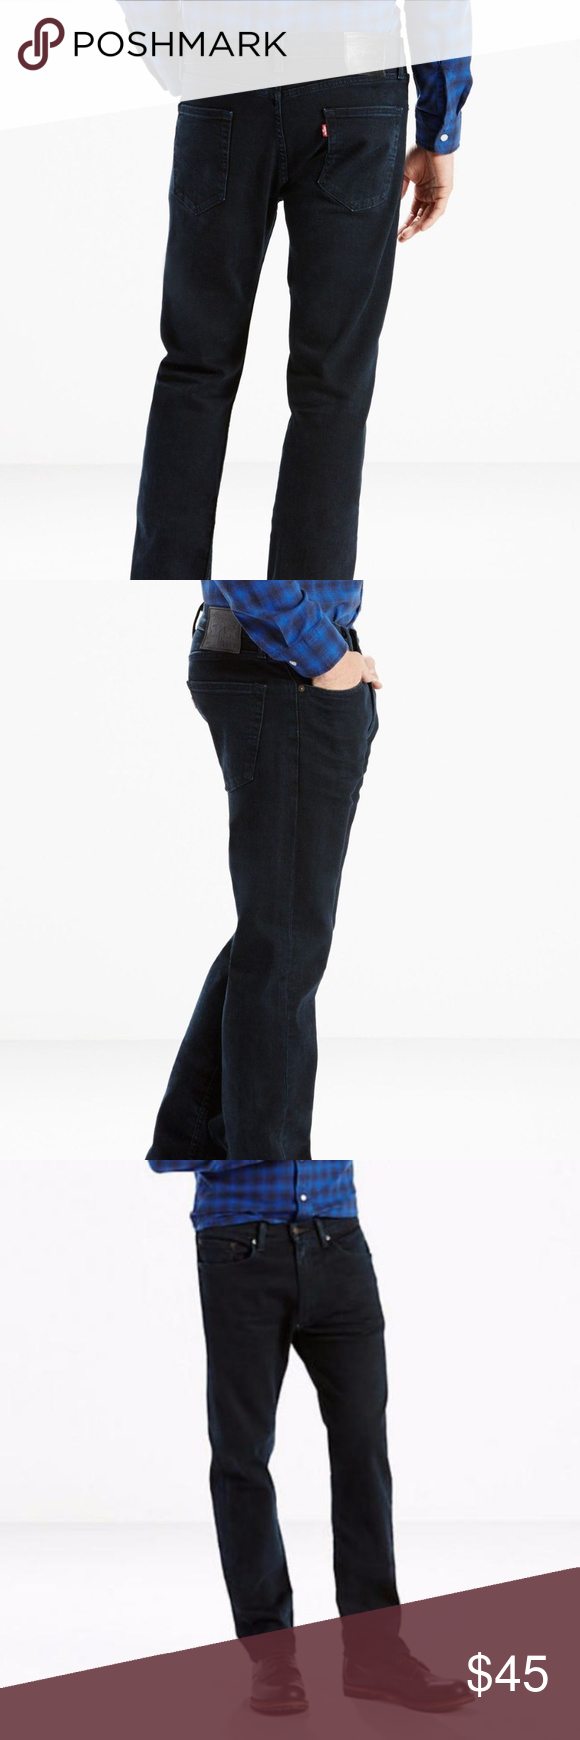 13b30c0f7c5 Levi's 505 Jeans 34 x 30 Regular Stretch Dark New New with tags Levi's 505  regular fit stretch dark blue wash men's jeans tag size W 34 x L 30.